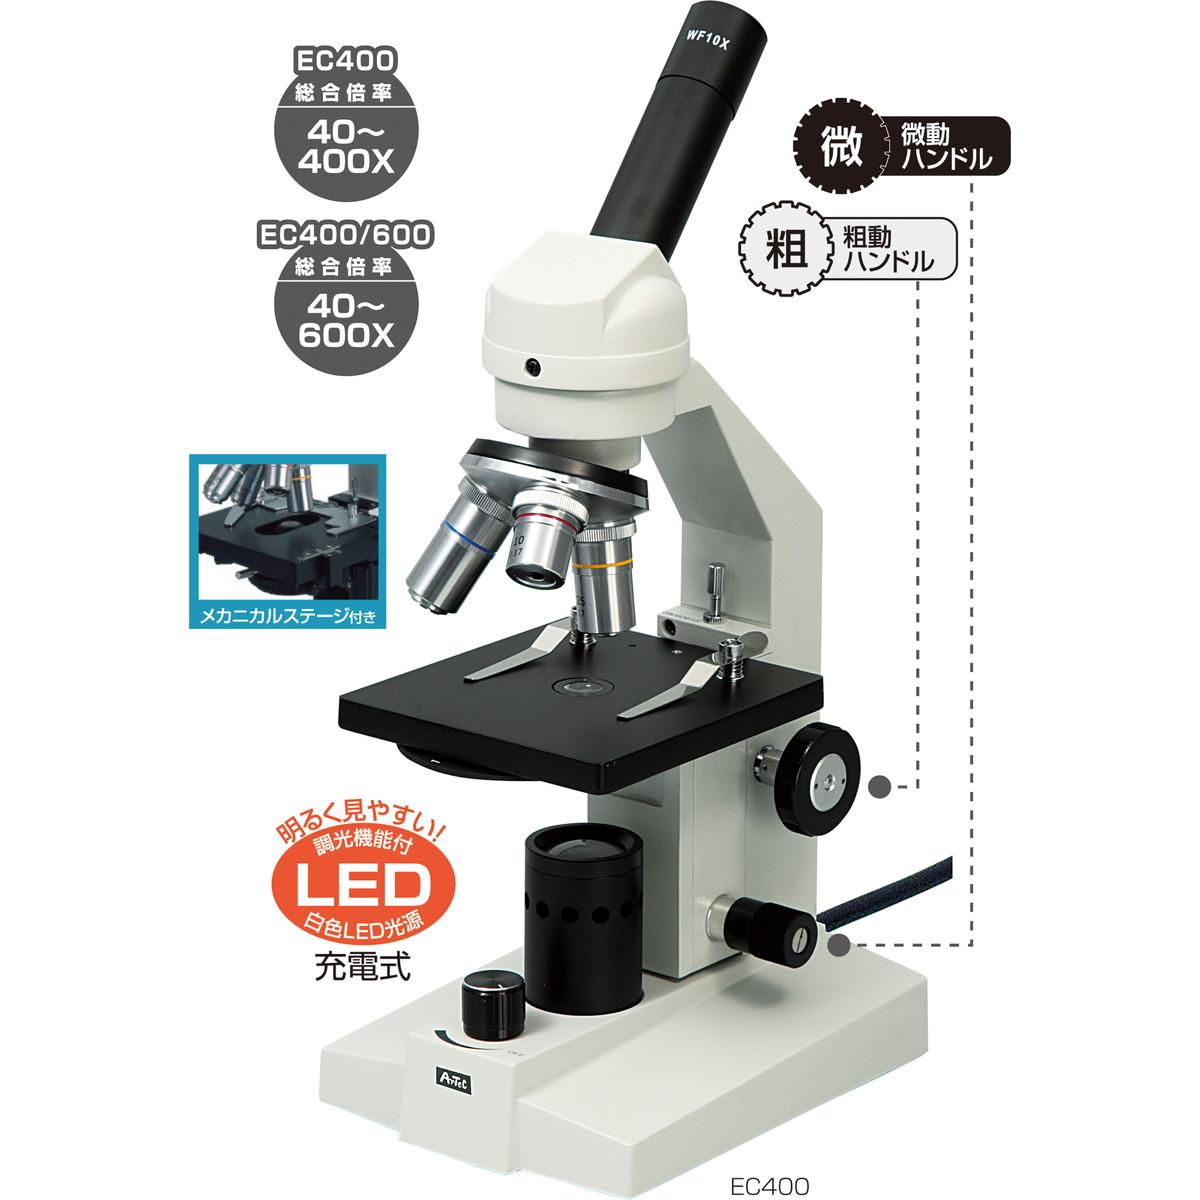 Artec(アーテック) 生物顕微鏡EC400/600(メカニカルステージ付) #9999【送料無料】